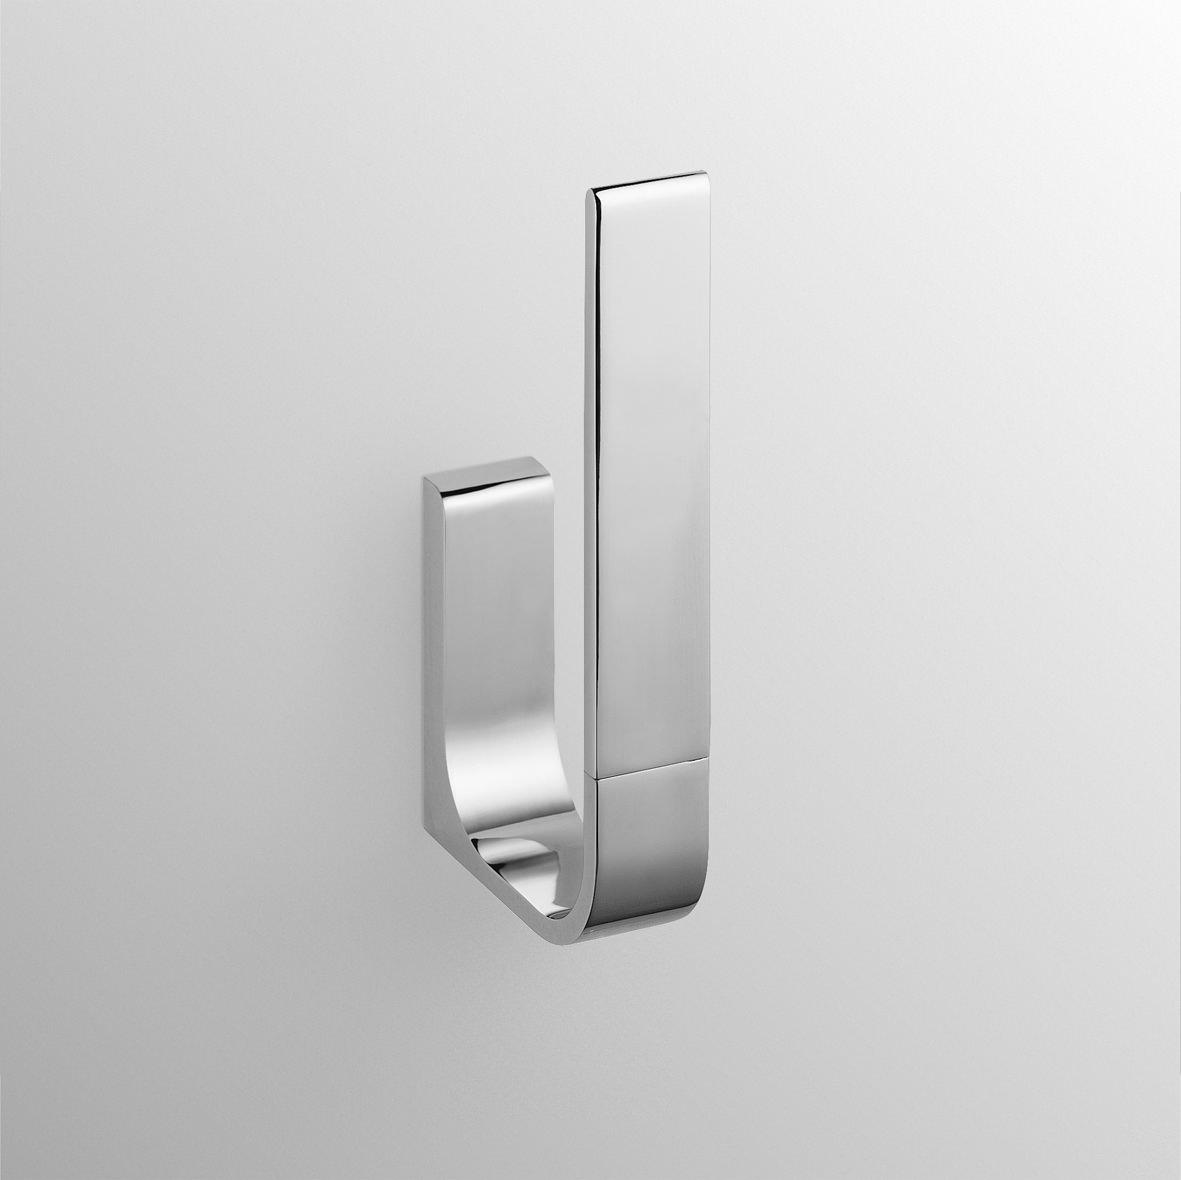 ideal standard moments spare toilet roll holder. Black Bedroom Furniture Sets. Home Design Ideas